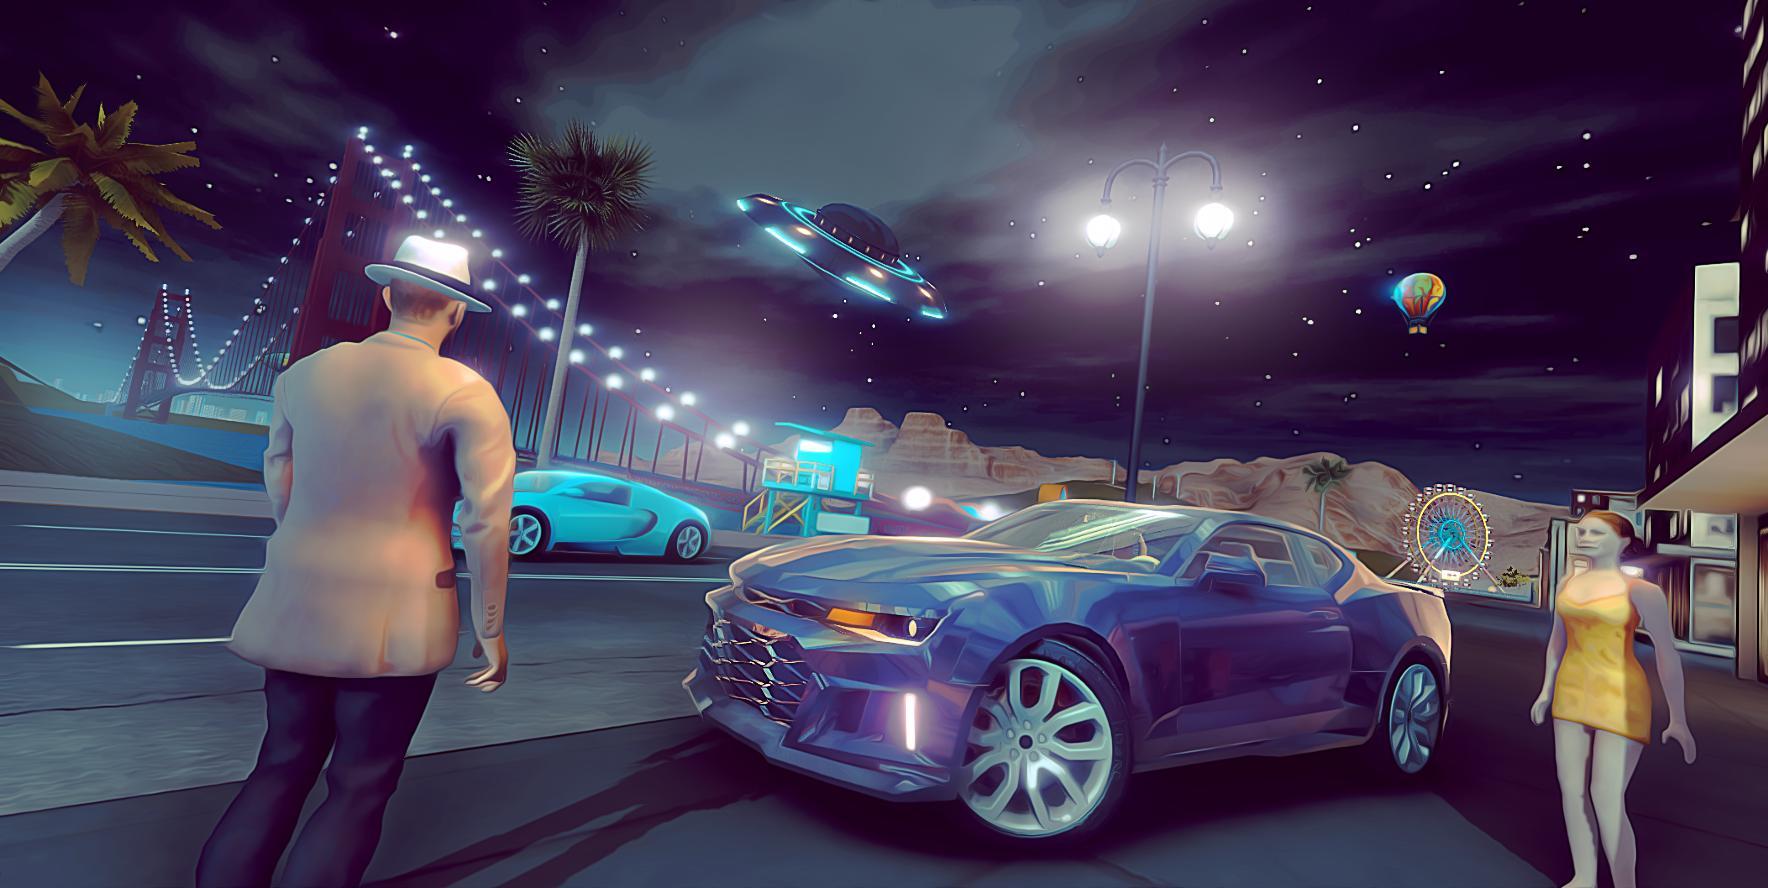 รีวิว Go To Car Driving 3 เกมมือถือ สุดเกรียนชวนป่วนเมือง